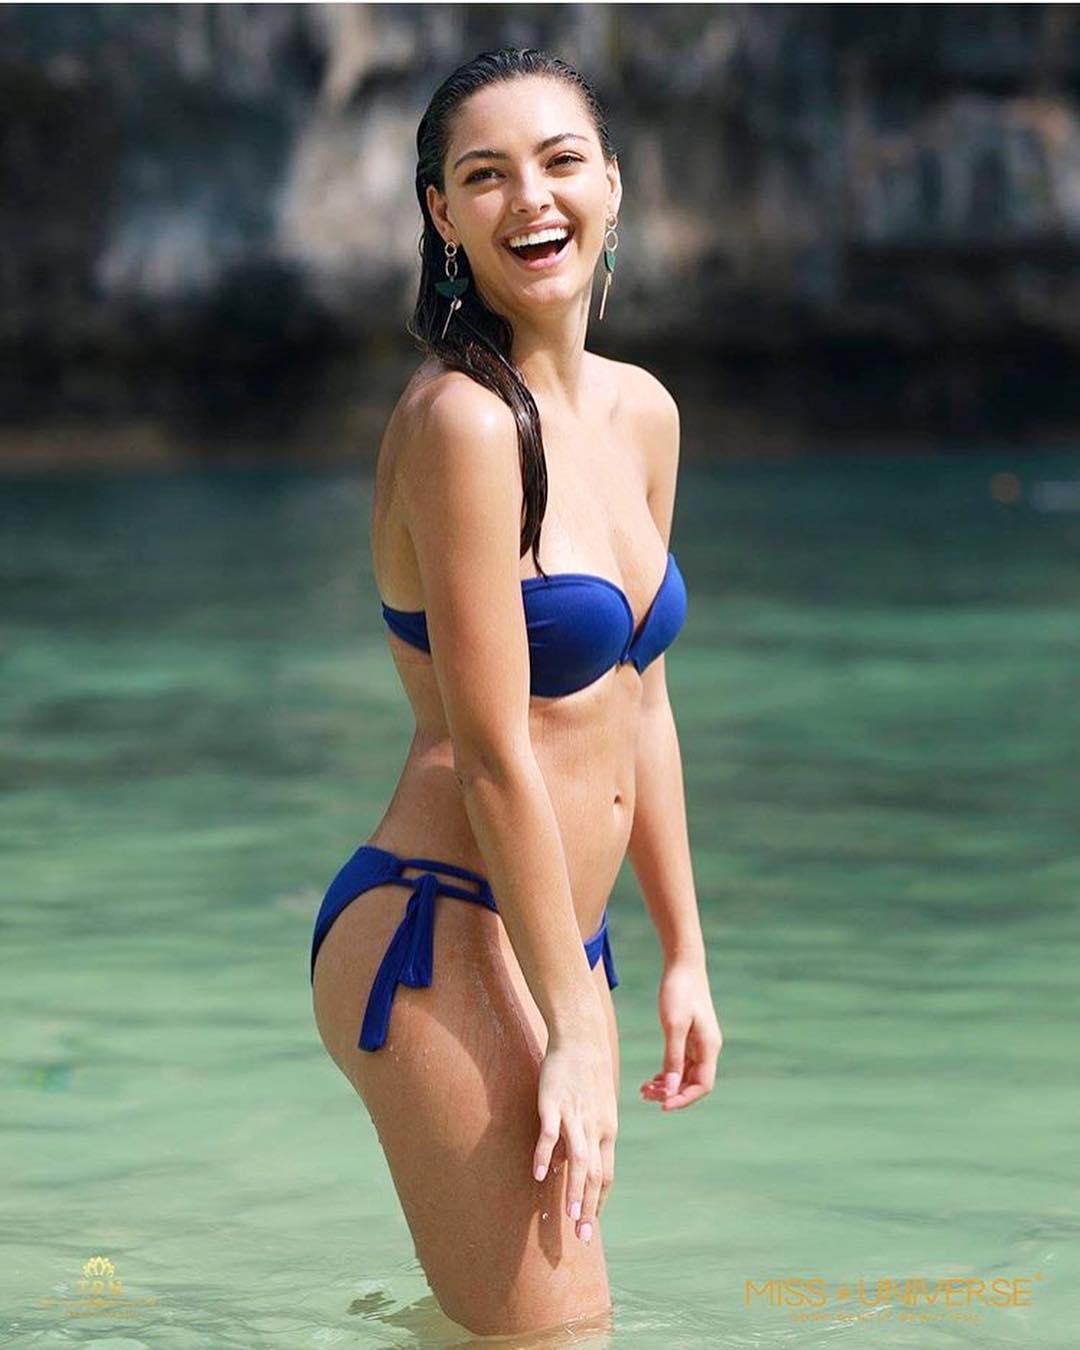 news de miss universe 2017 de bikini. 59f8qz5p